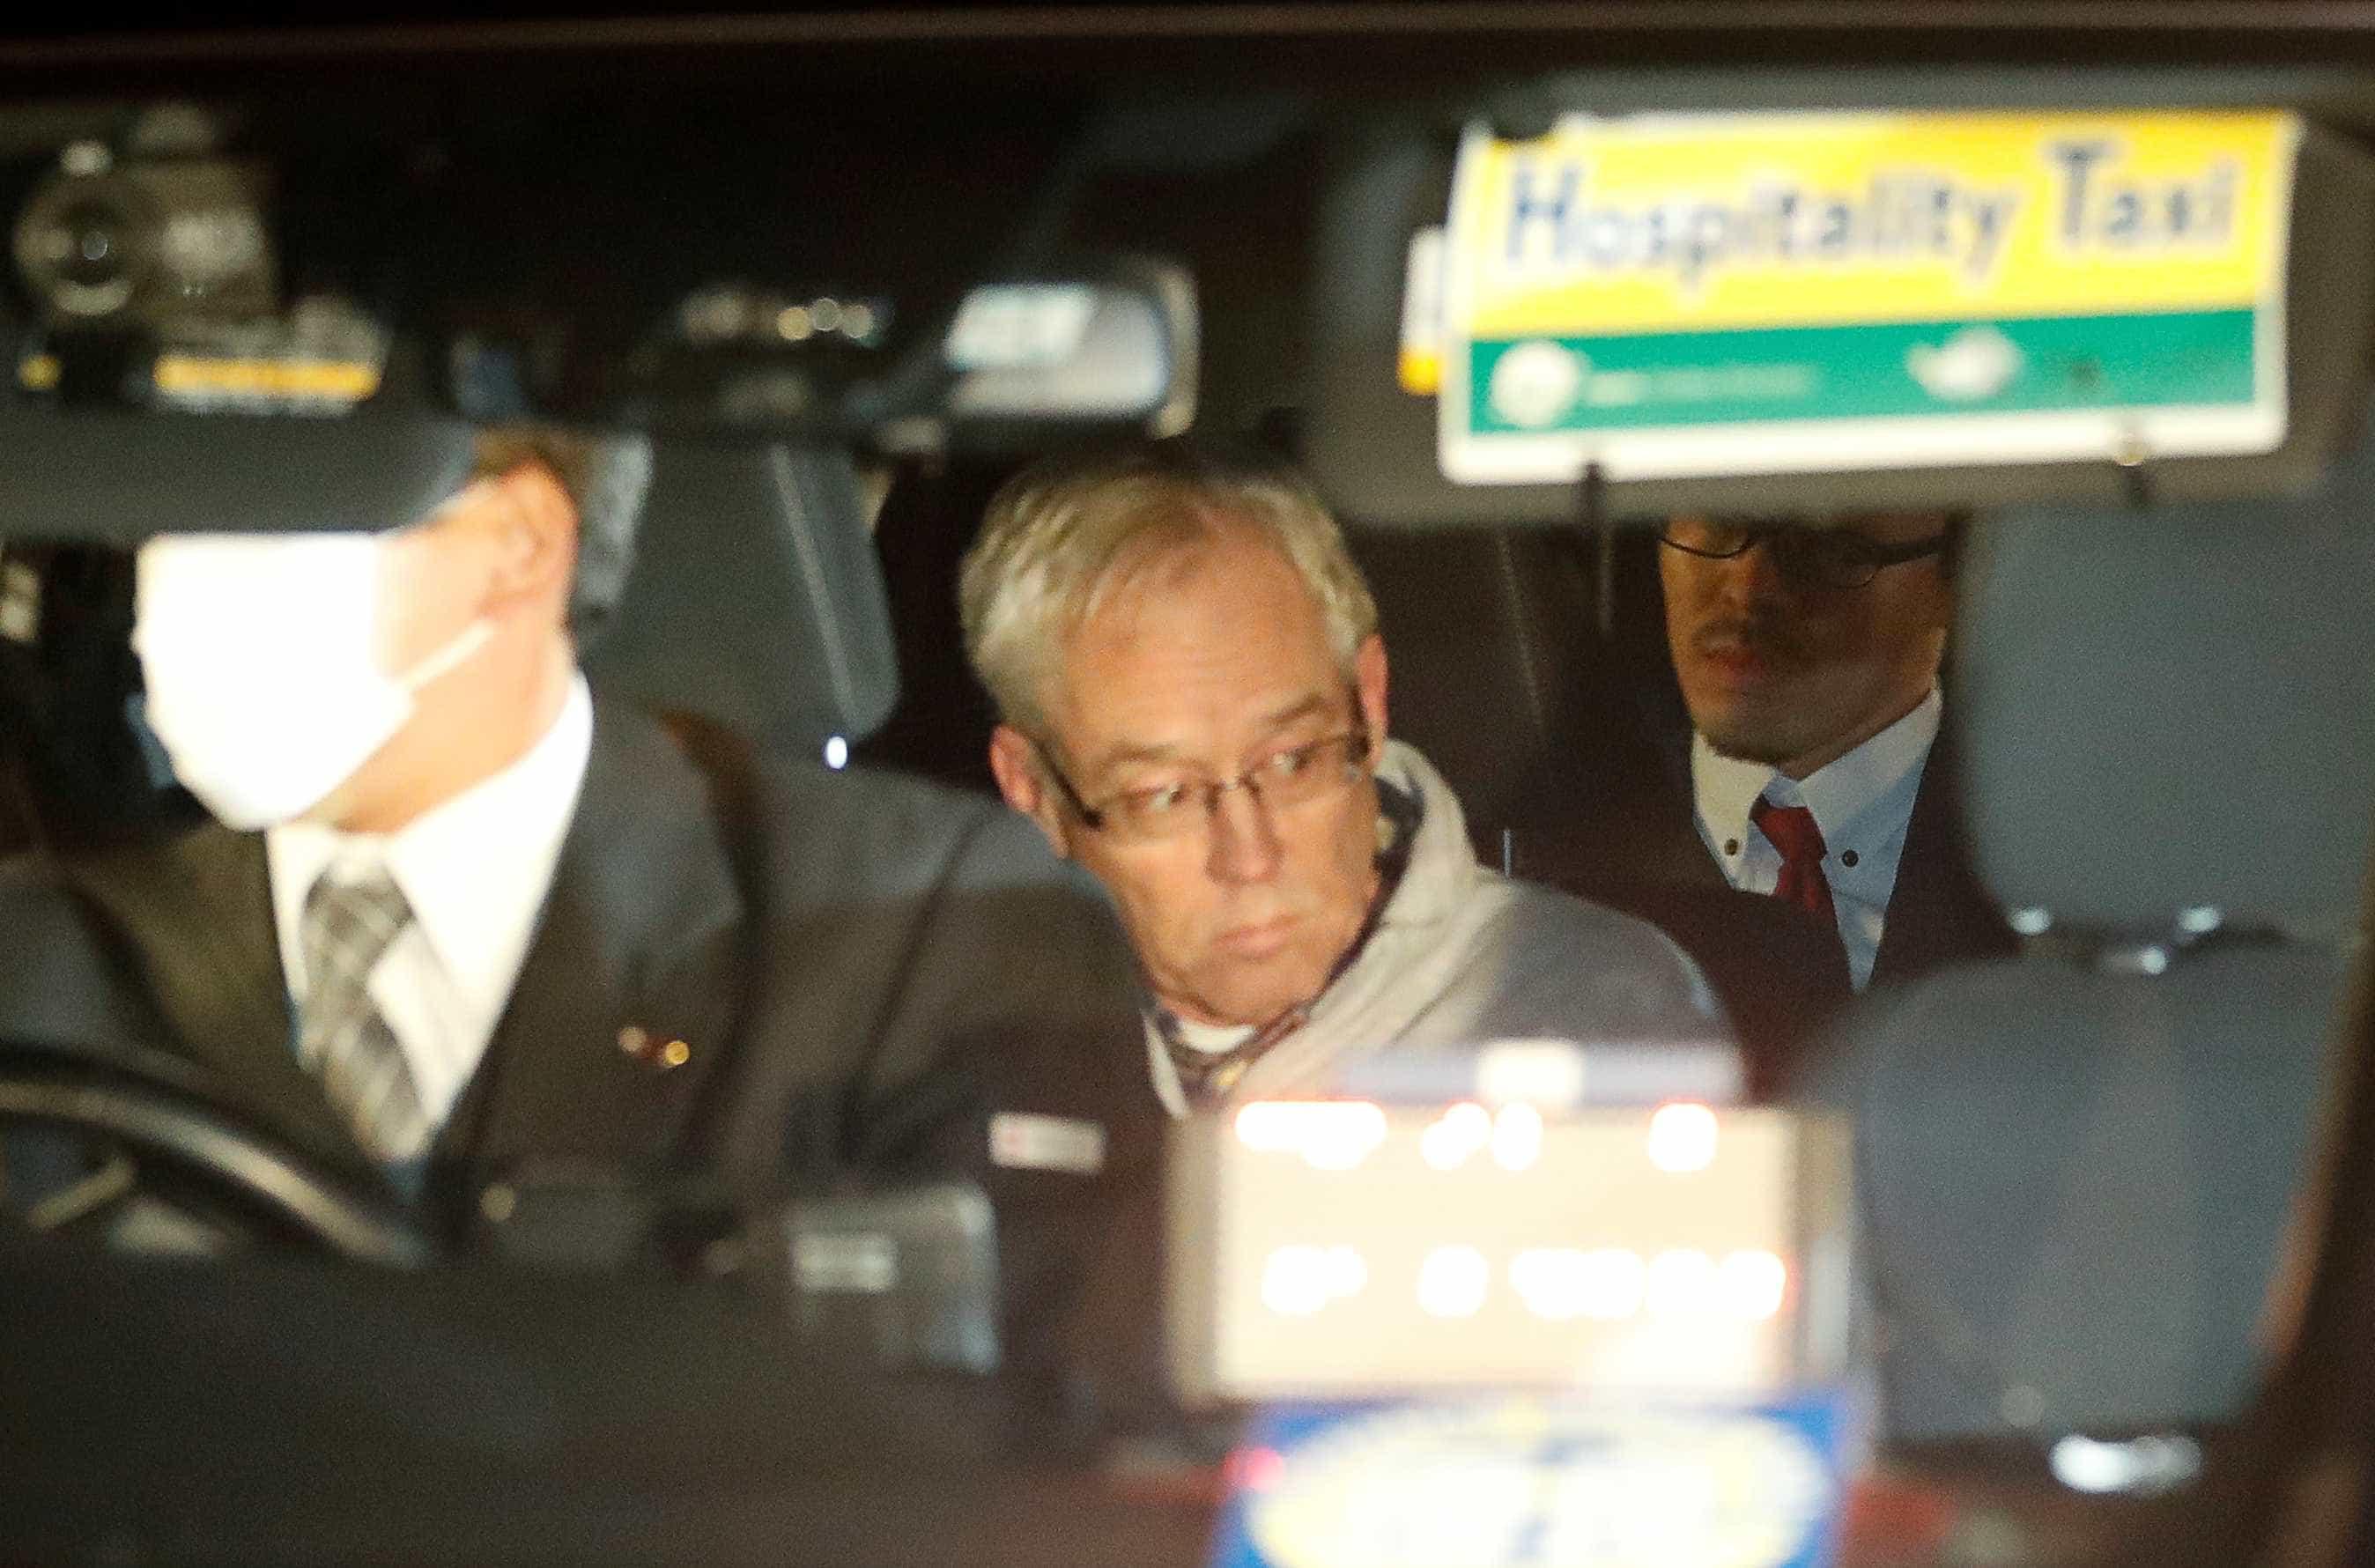 Japão: Greg Kelly, ex-diretor da Nissan, é libertado após pagar fiança